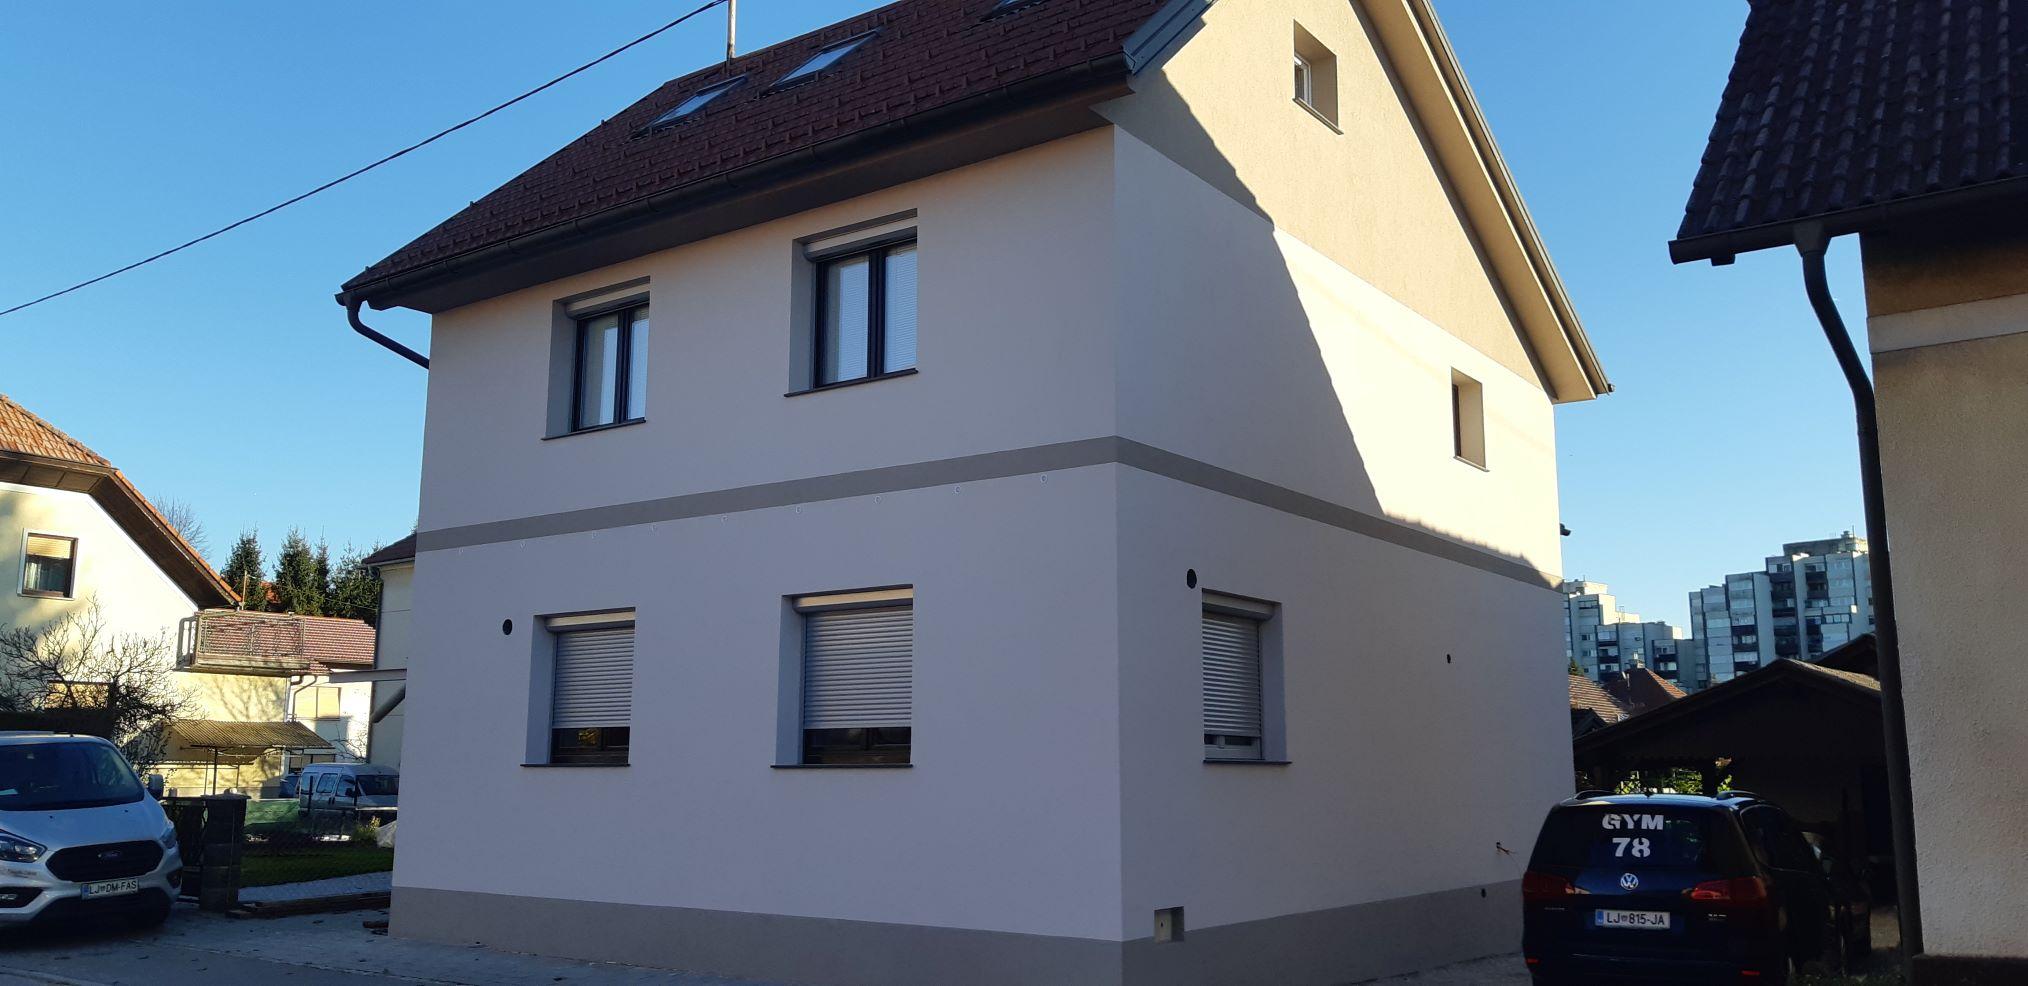 Obnova fasade z parapropustnim stiroporjem sr v Domzalah 2